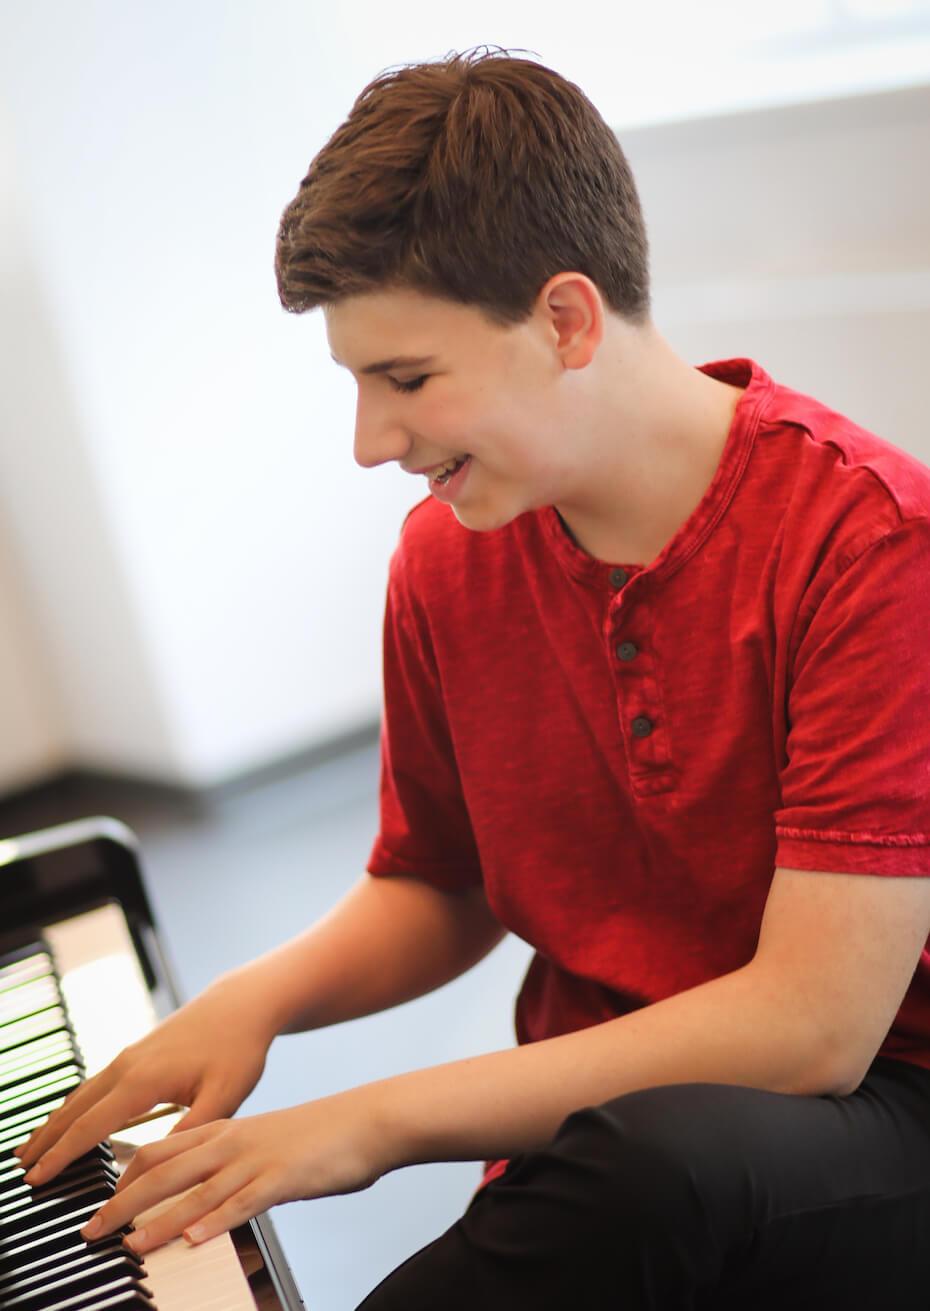 Joshua Turchin playing piano